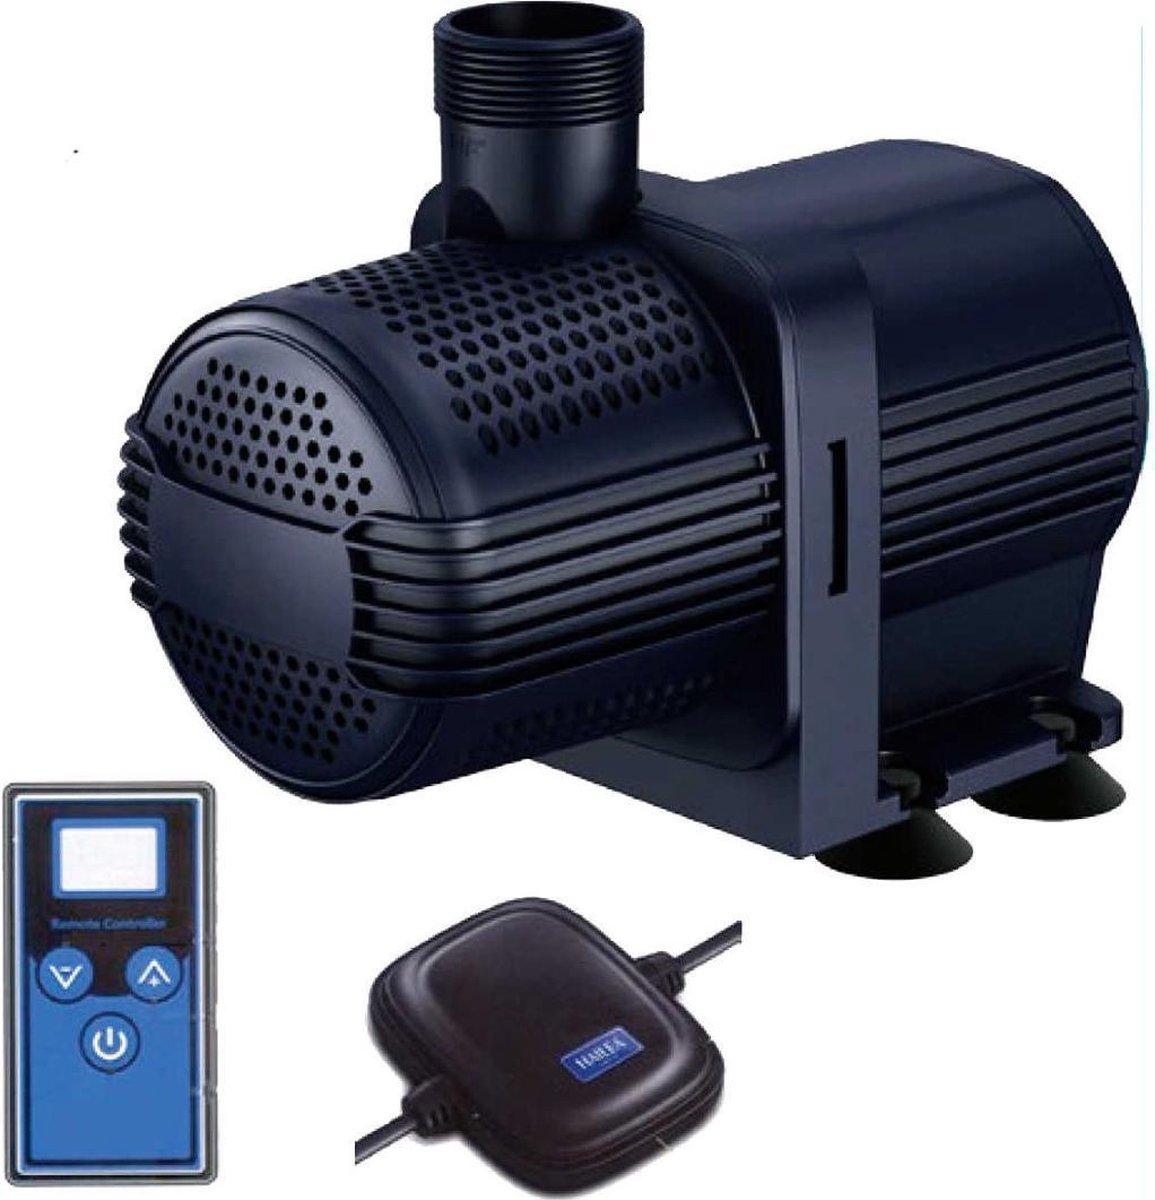 Regelbare Vijver Pomp Blue Bella III - 8000 l/h + afstandsbediening kopen